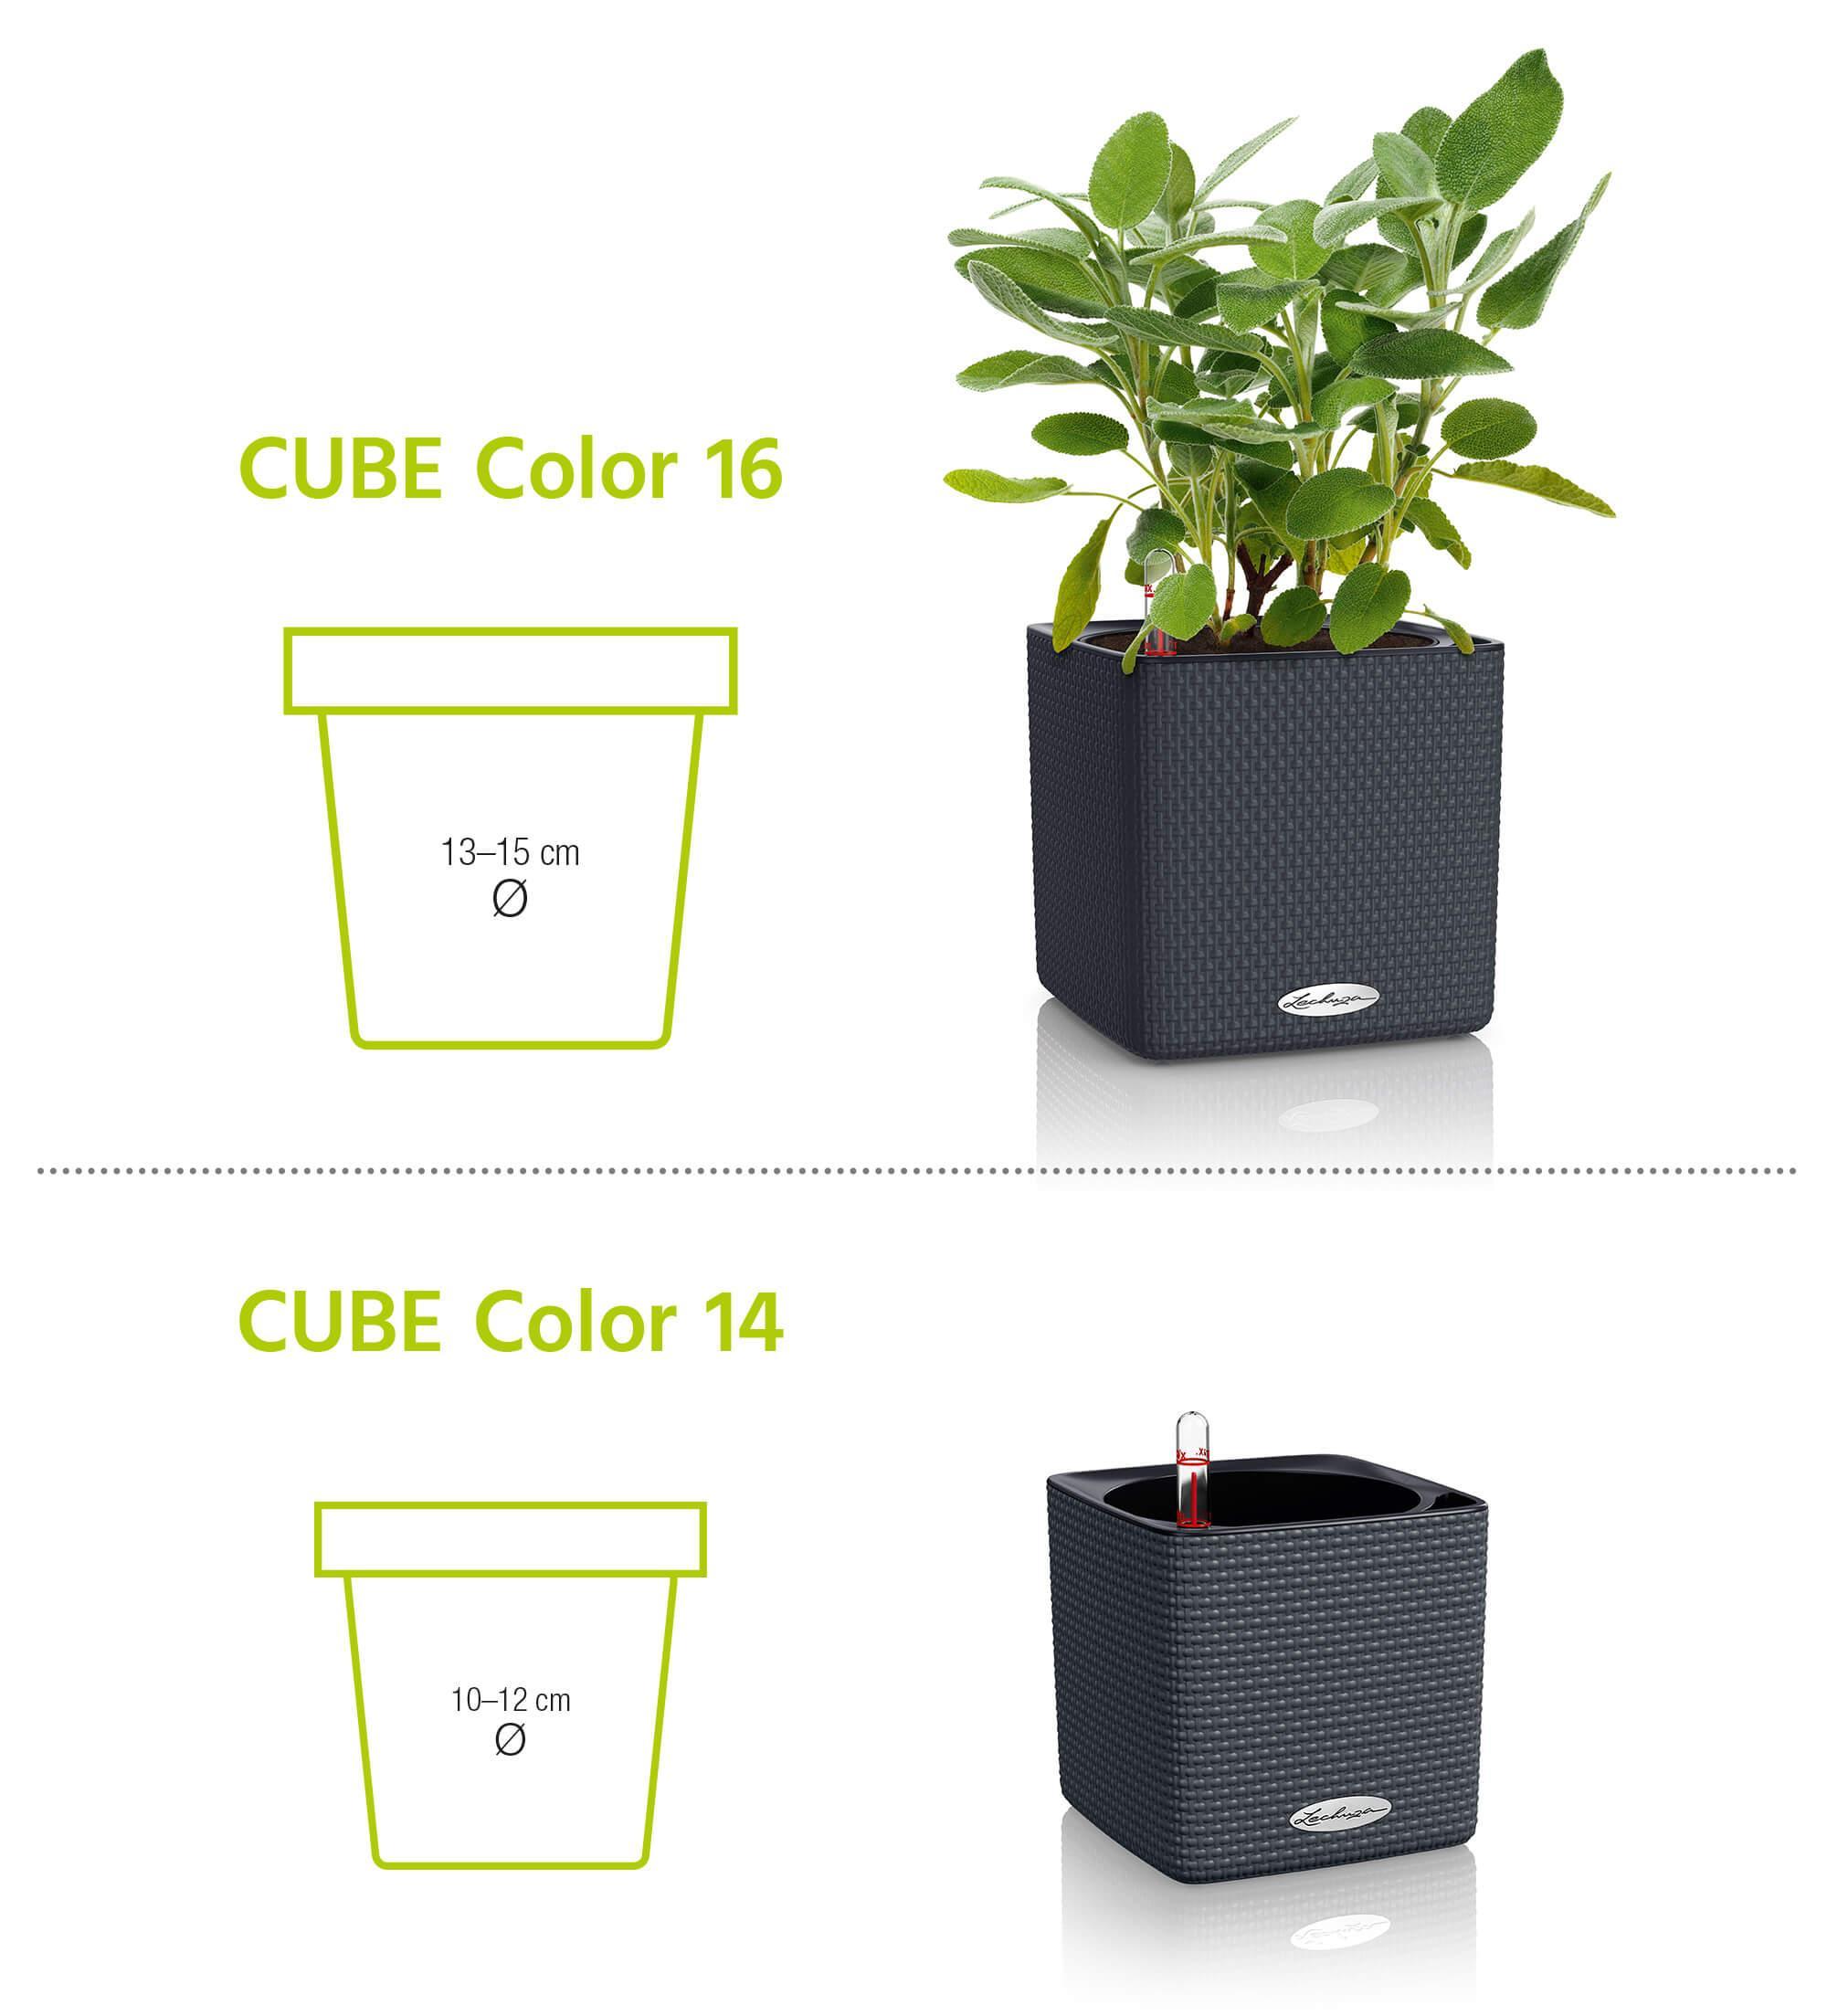 le_cube-color_product_content_02